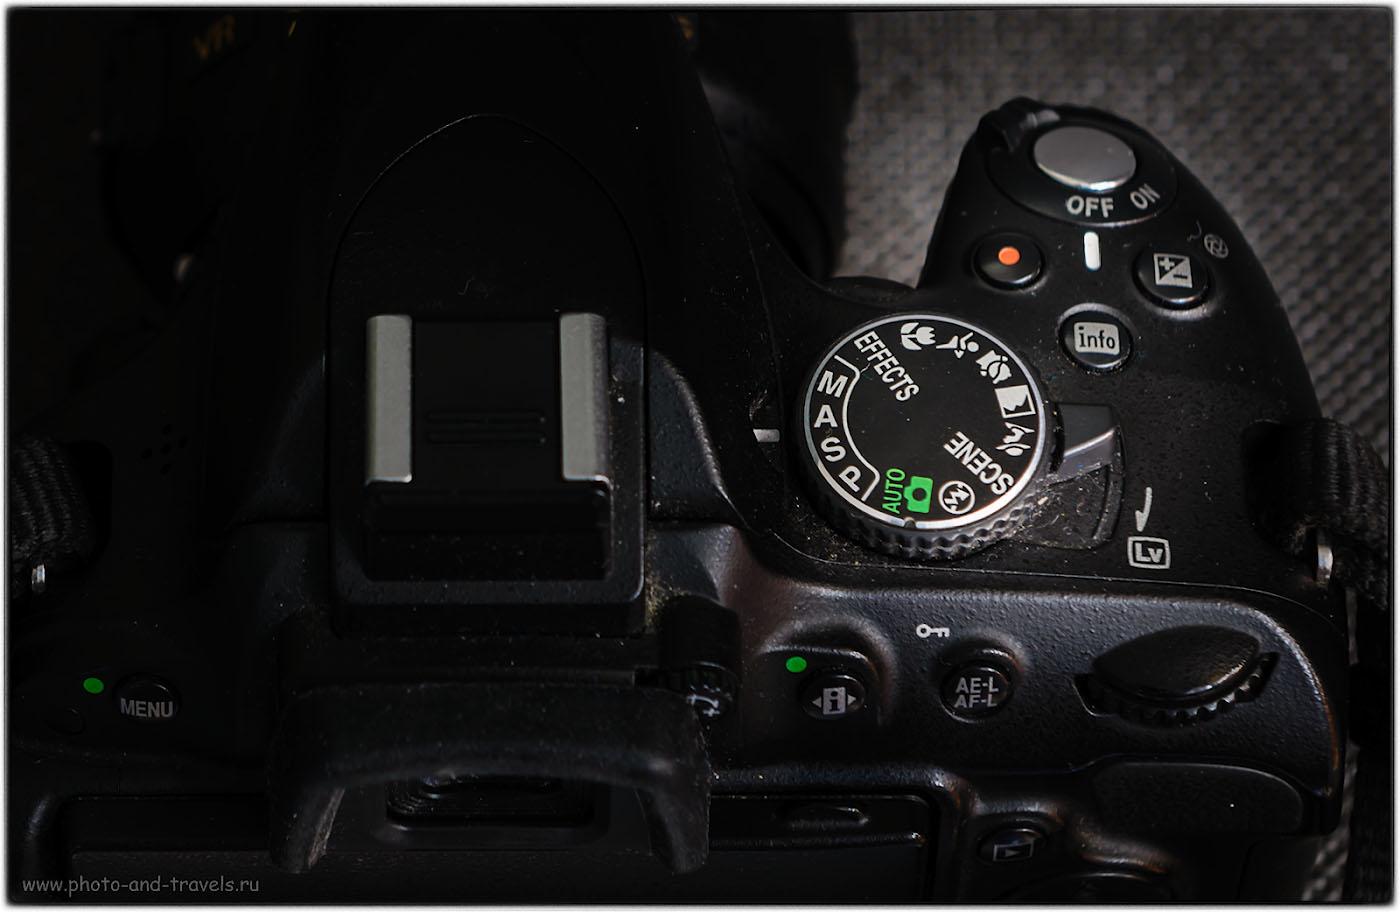 """Фото 8. Учимся фотографировать цифровым фотоаппаратом. Какой режим лучше использовать? Забудьте про автомат! Фотографируйте в одном из творческих (P, S, A или M) или, на худой конец, переключившись в """"Scene""""."""